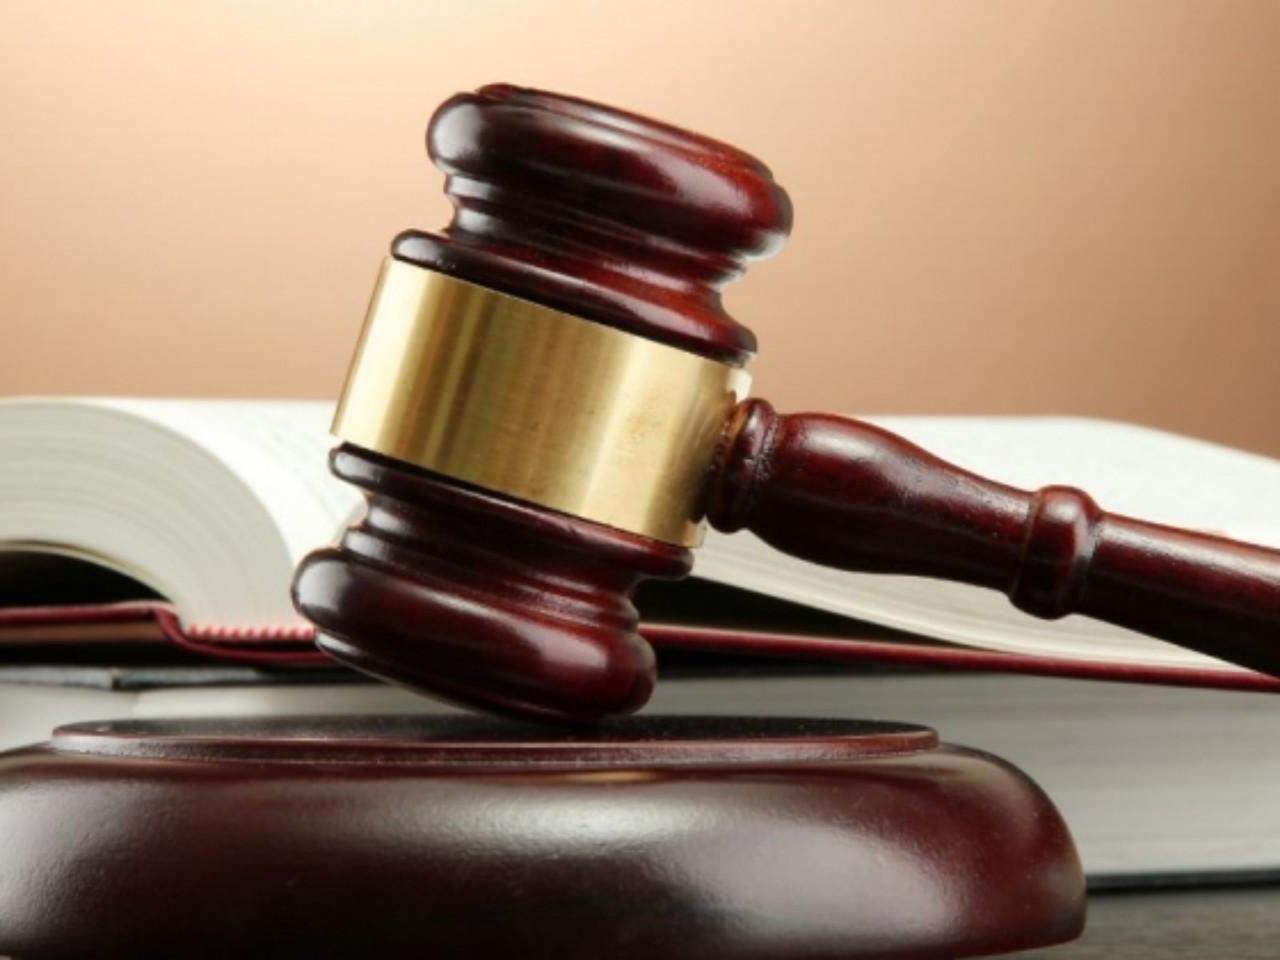 تأجيل محاكمة رئيس المركز الوطني لحقوق الإنسان في قضية التحريض ضد الوحدة الترابية